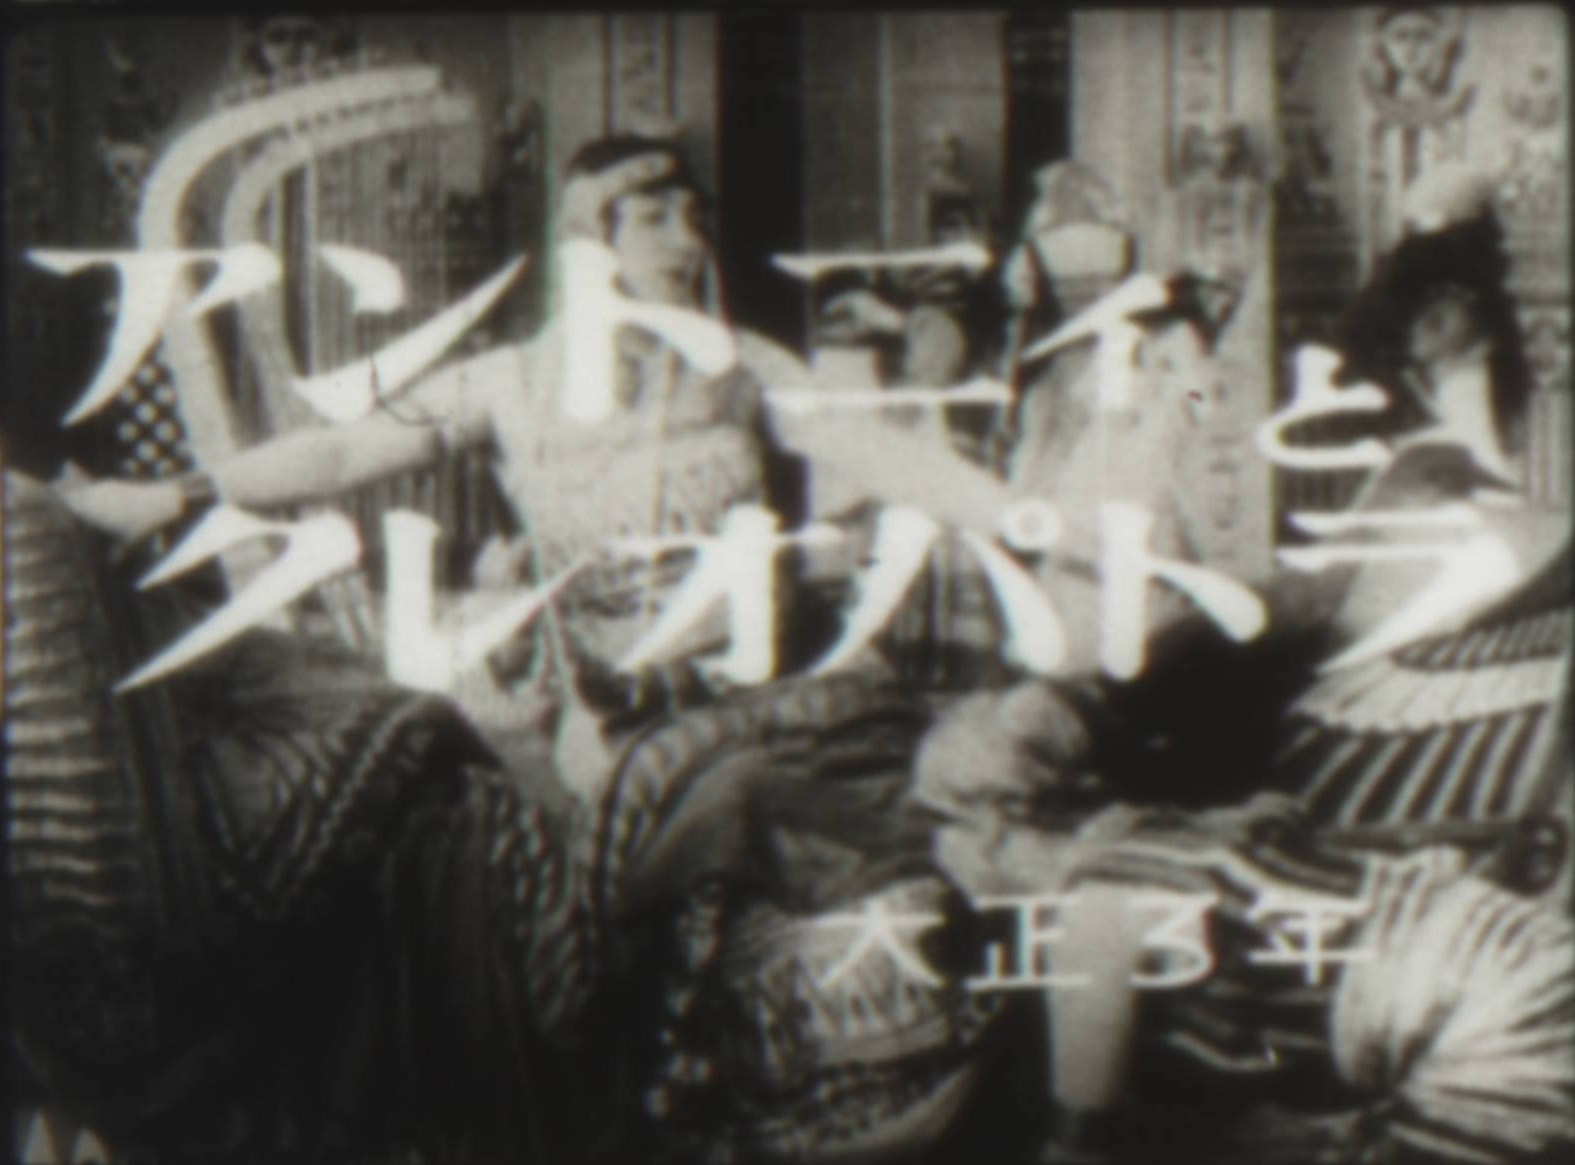 日本映画史19 - アントニーとクレオパトラ